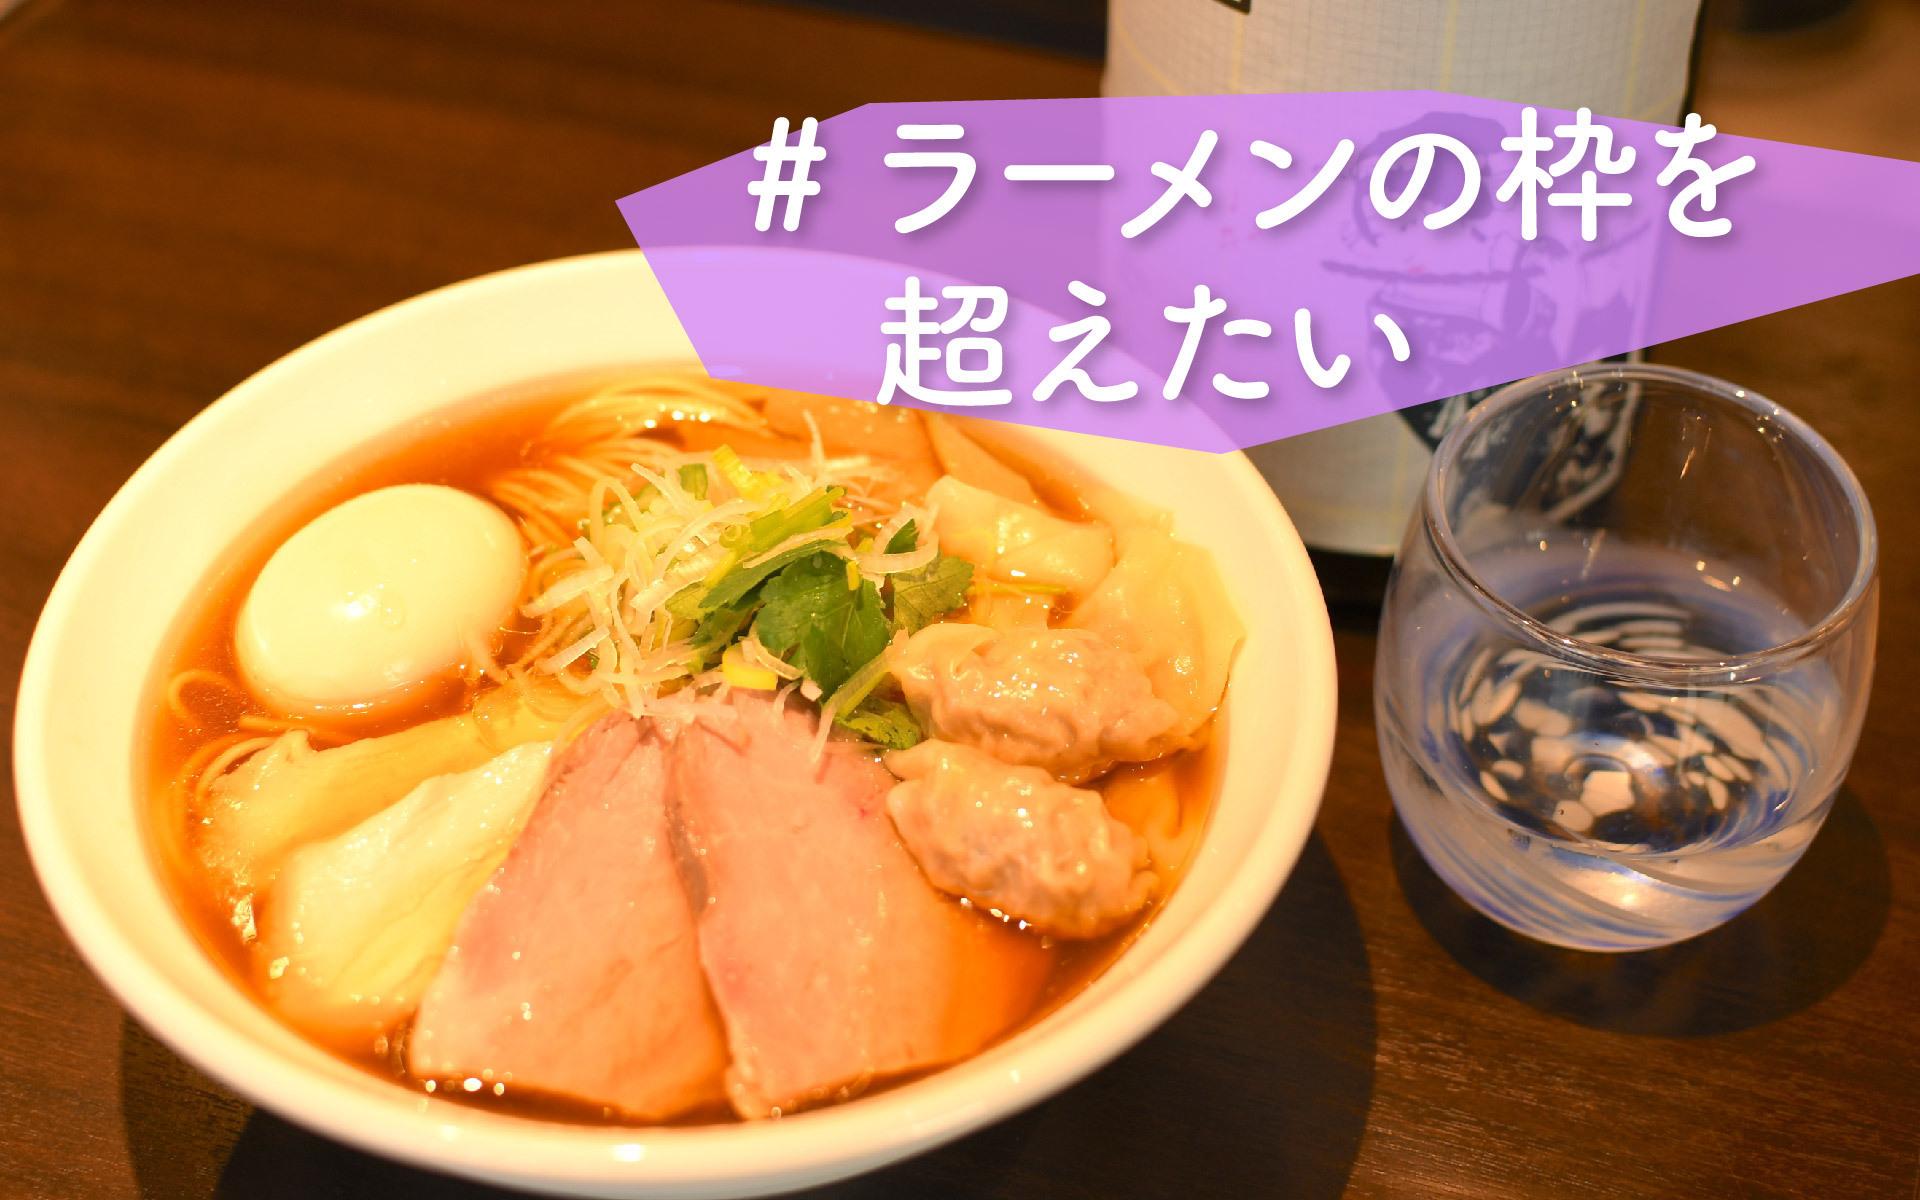 麺屋 彩音 sign